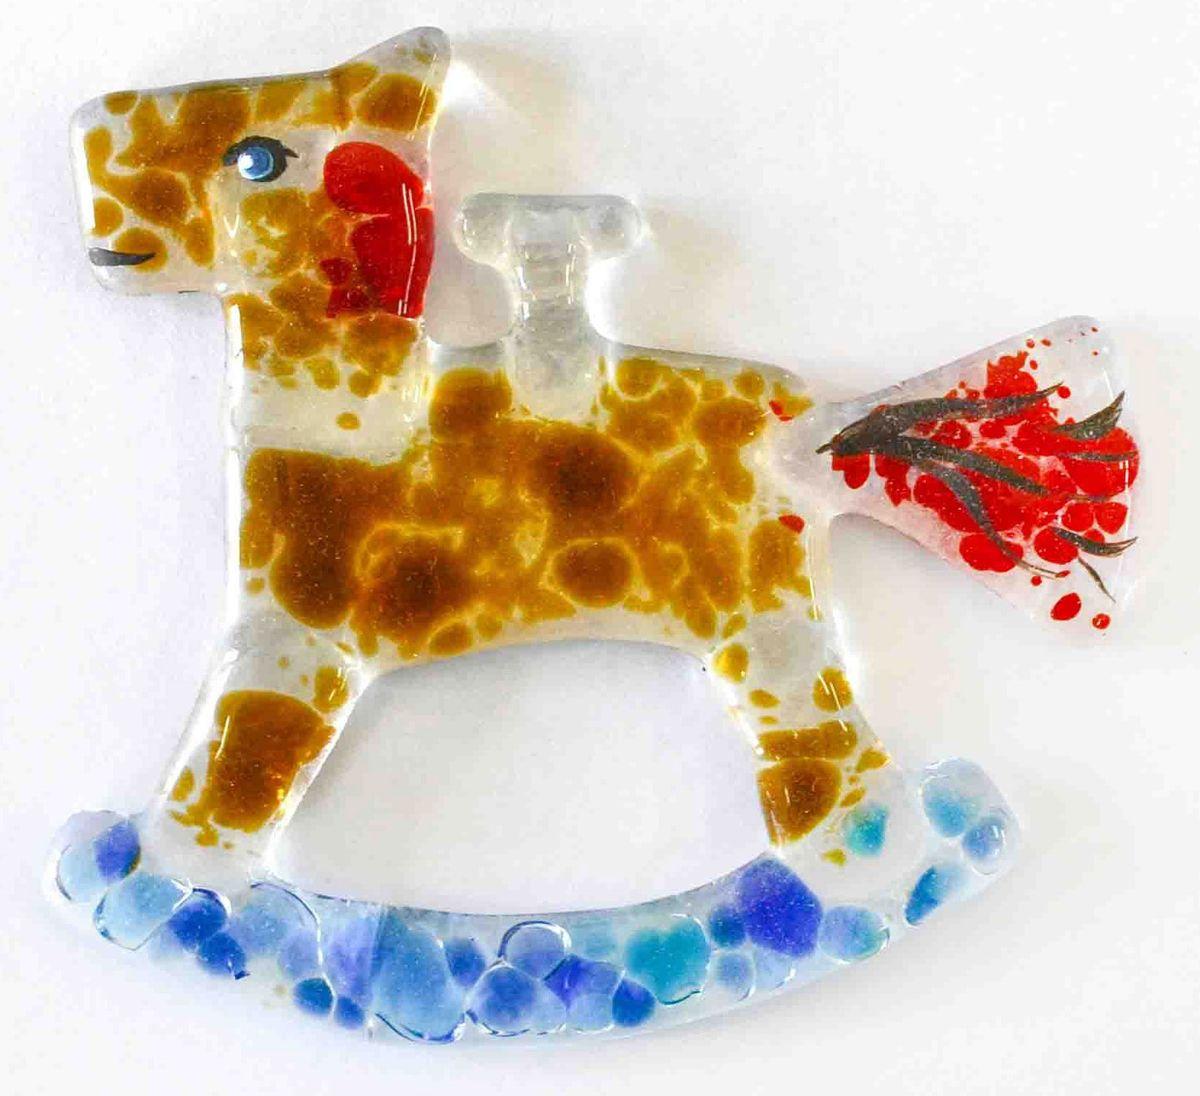 Украшение новогоднее подвесное Лошадка, 9,5 х 9 х 0,5 смЕС-56Елочная игрушка - символ приближающегося праздника. Она послужит прекрасным подарком как для ребенка, так и для взрослого, а также дополнит новогодний интерьер. Веселая лошадка будет отлично смотреться на праздничной елке.